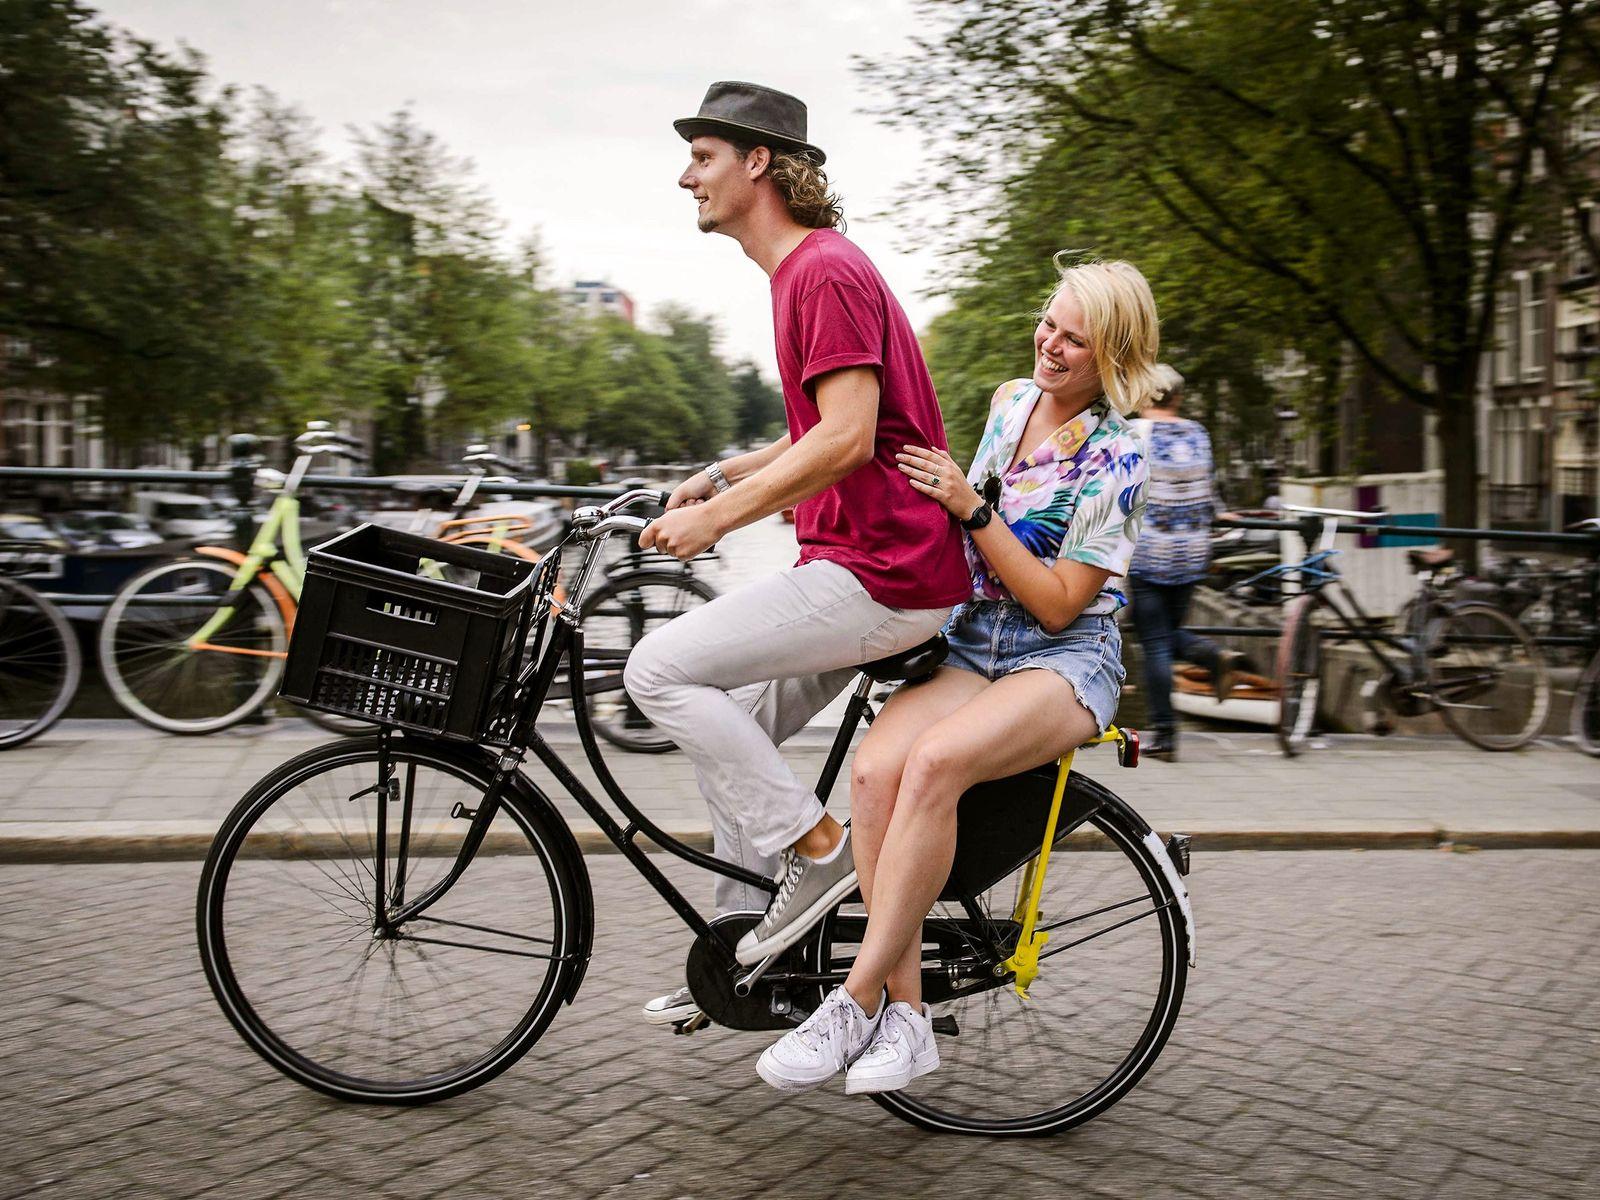 Imagen de dos ciclistas en Ámsterdam